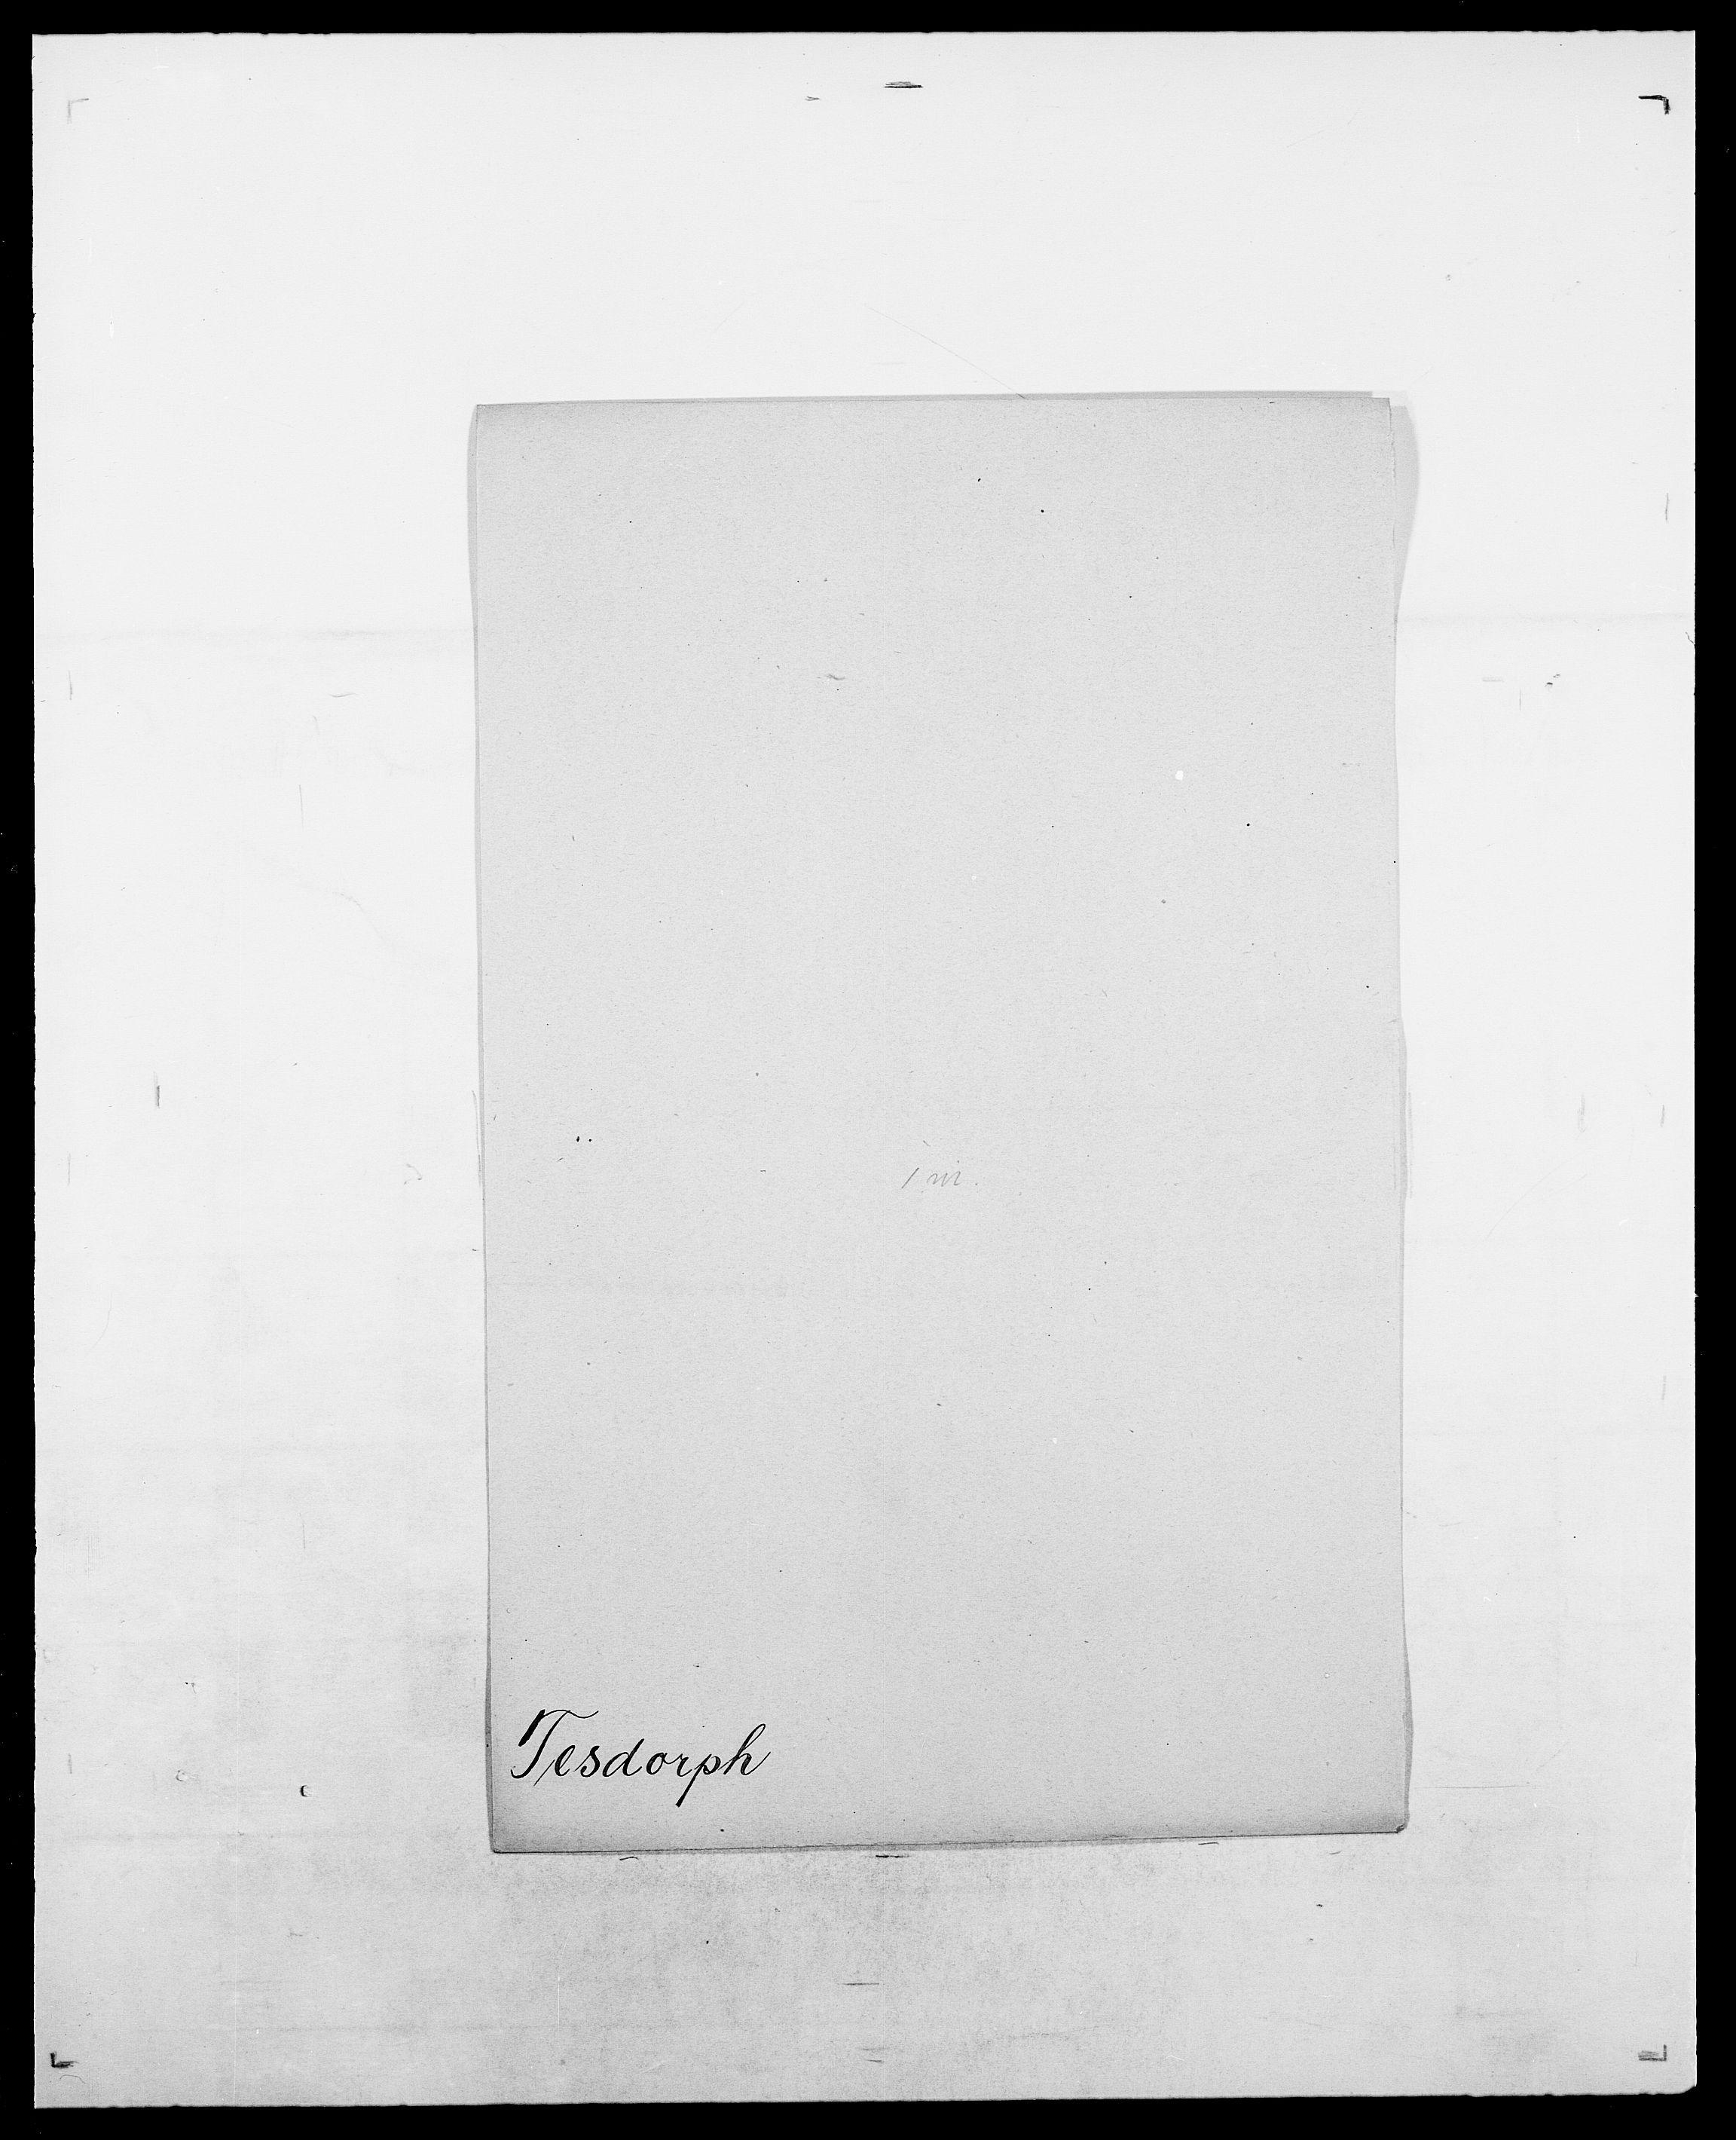 SAO, Delgobe, Charles Antoine - samling, D/Da/L0038: Svanenskjold - Thornsohn, s. 407